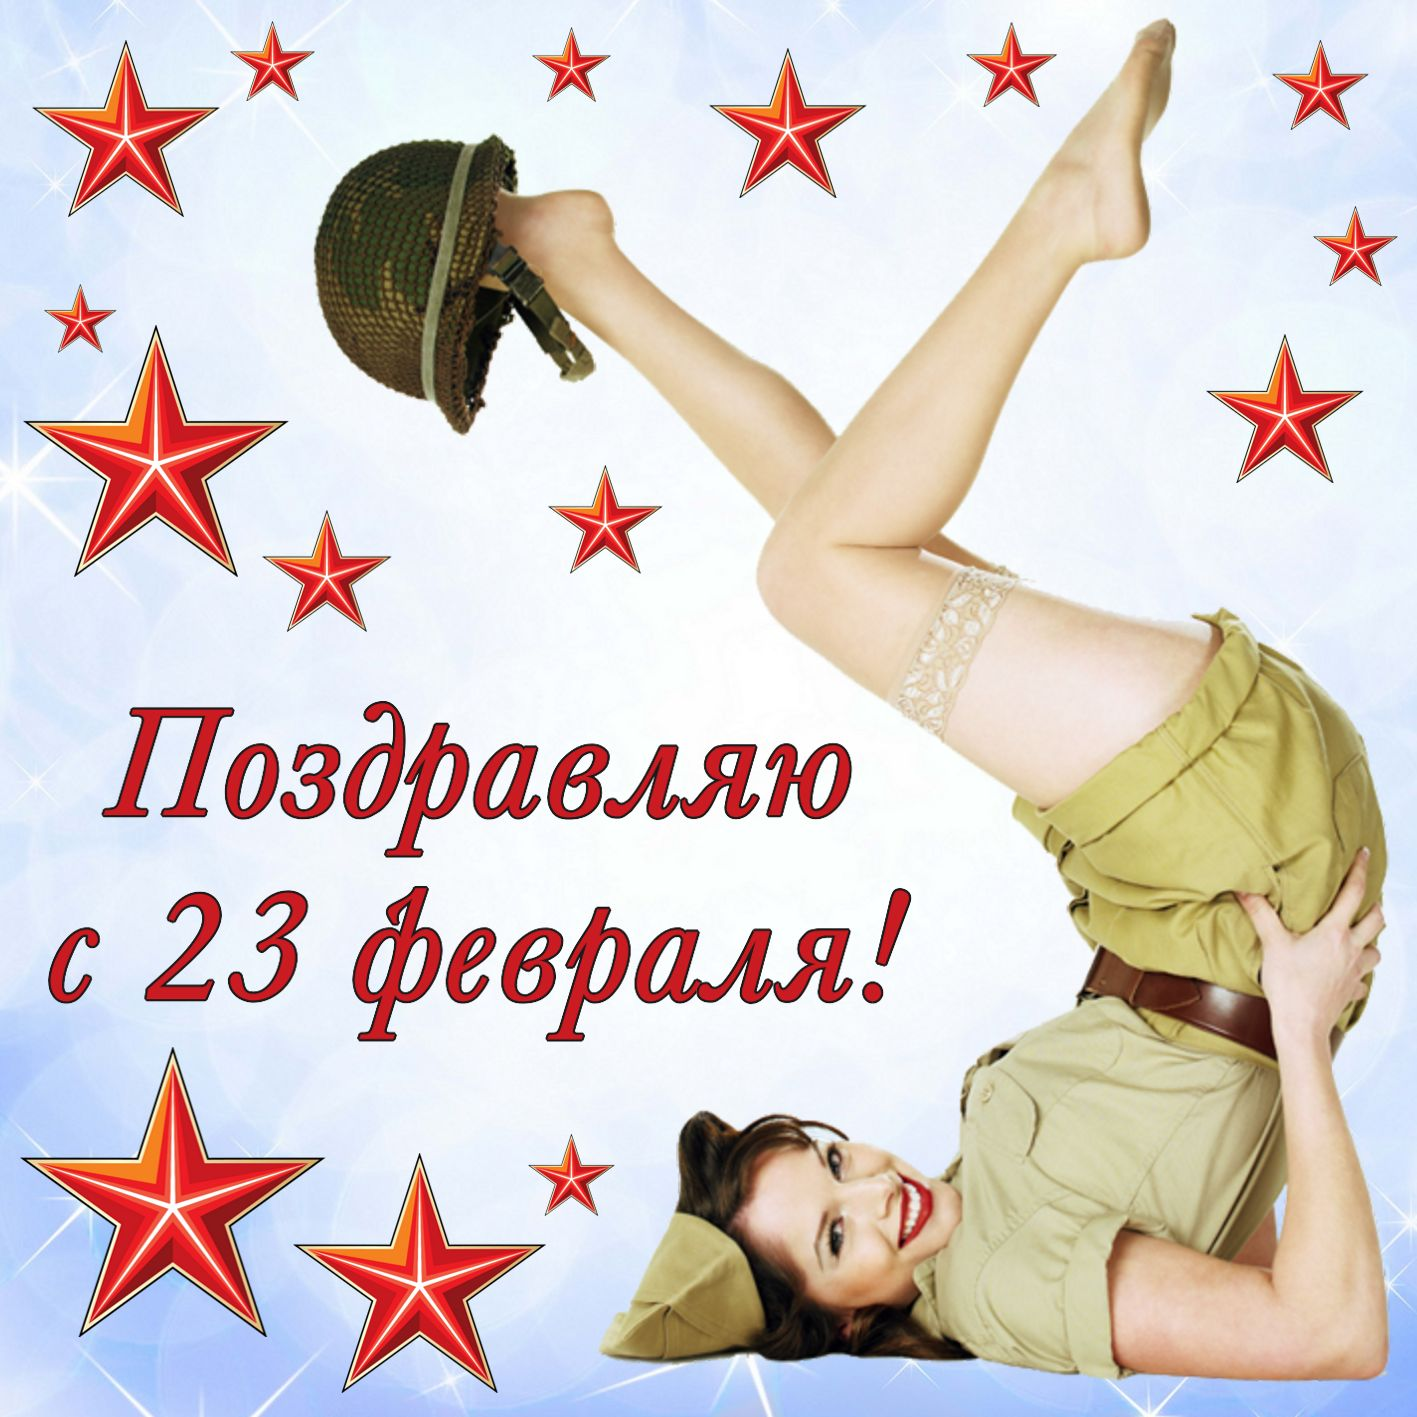 Для детской, красивая открытка 23 февраля мужчинам